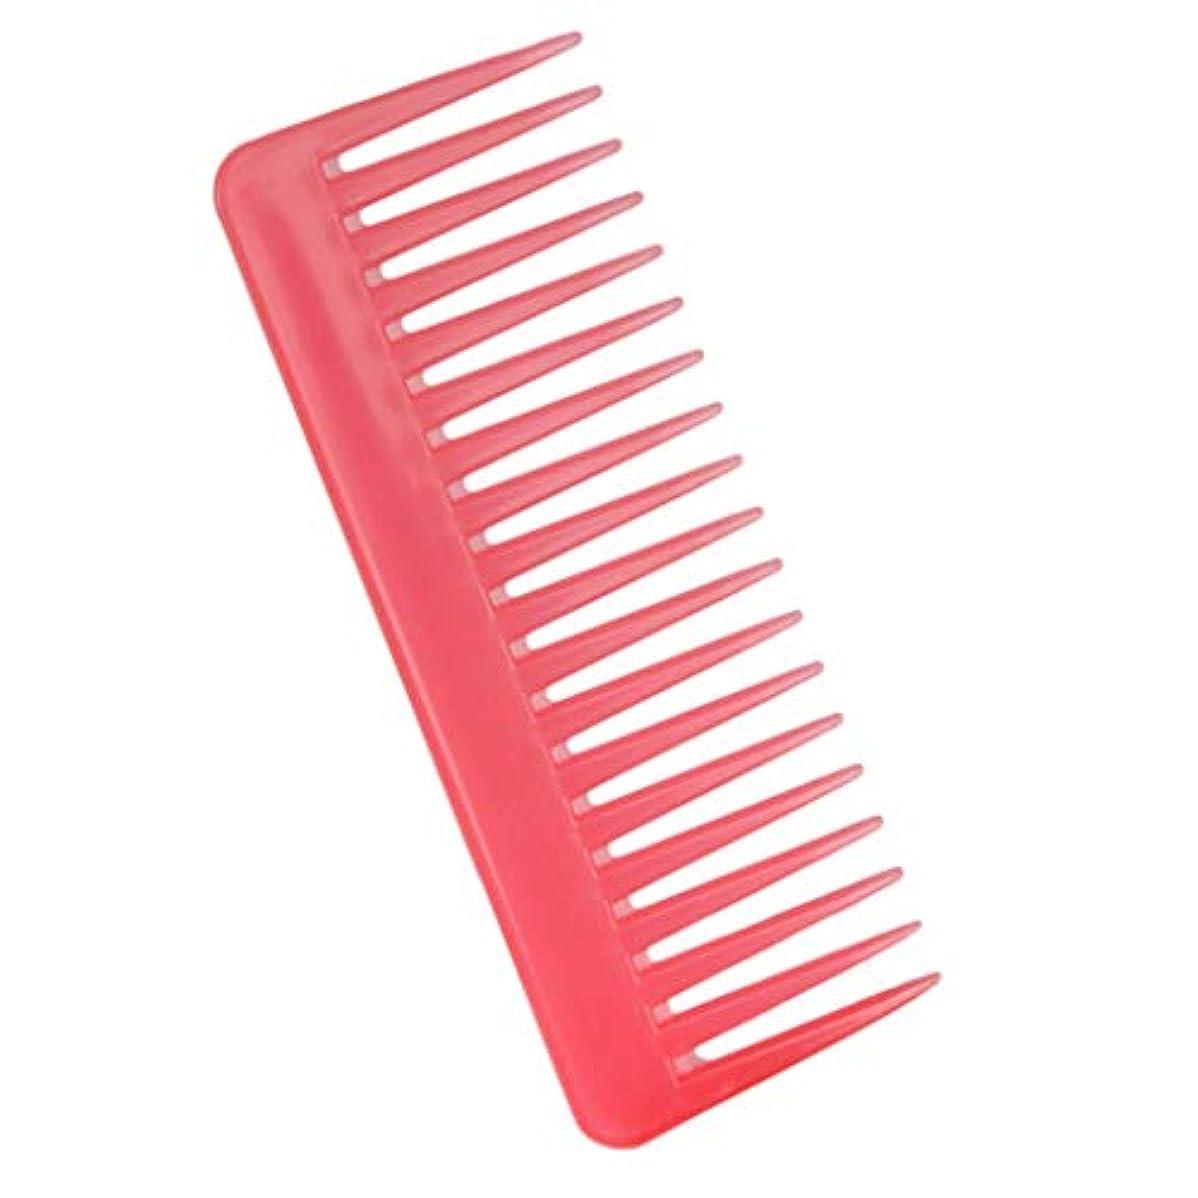 スーパー年齢赤外線帯電防止櫛 ヘアケア ヘアブラシ サロン用 自宅用 ヘアコーム 3色選べ - ピンク